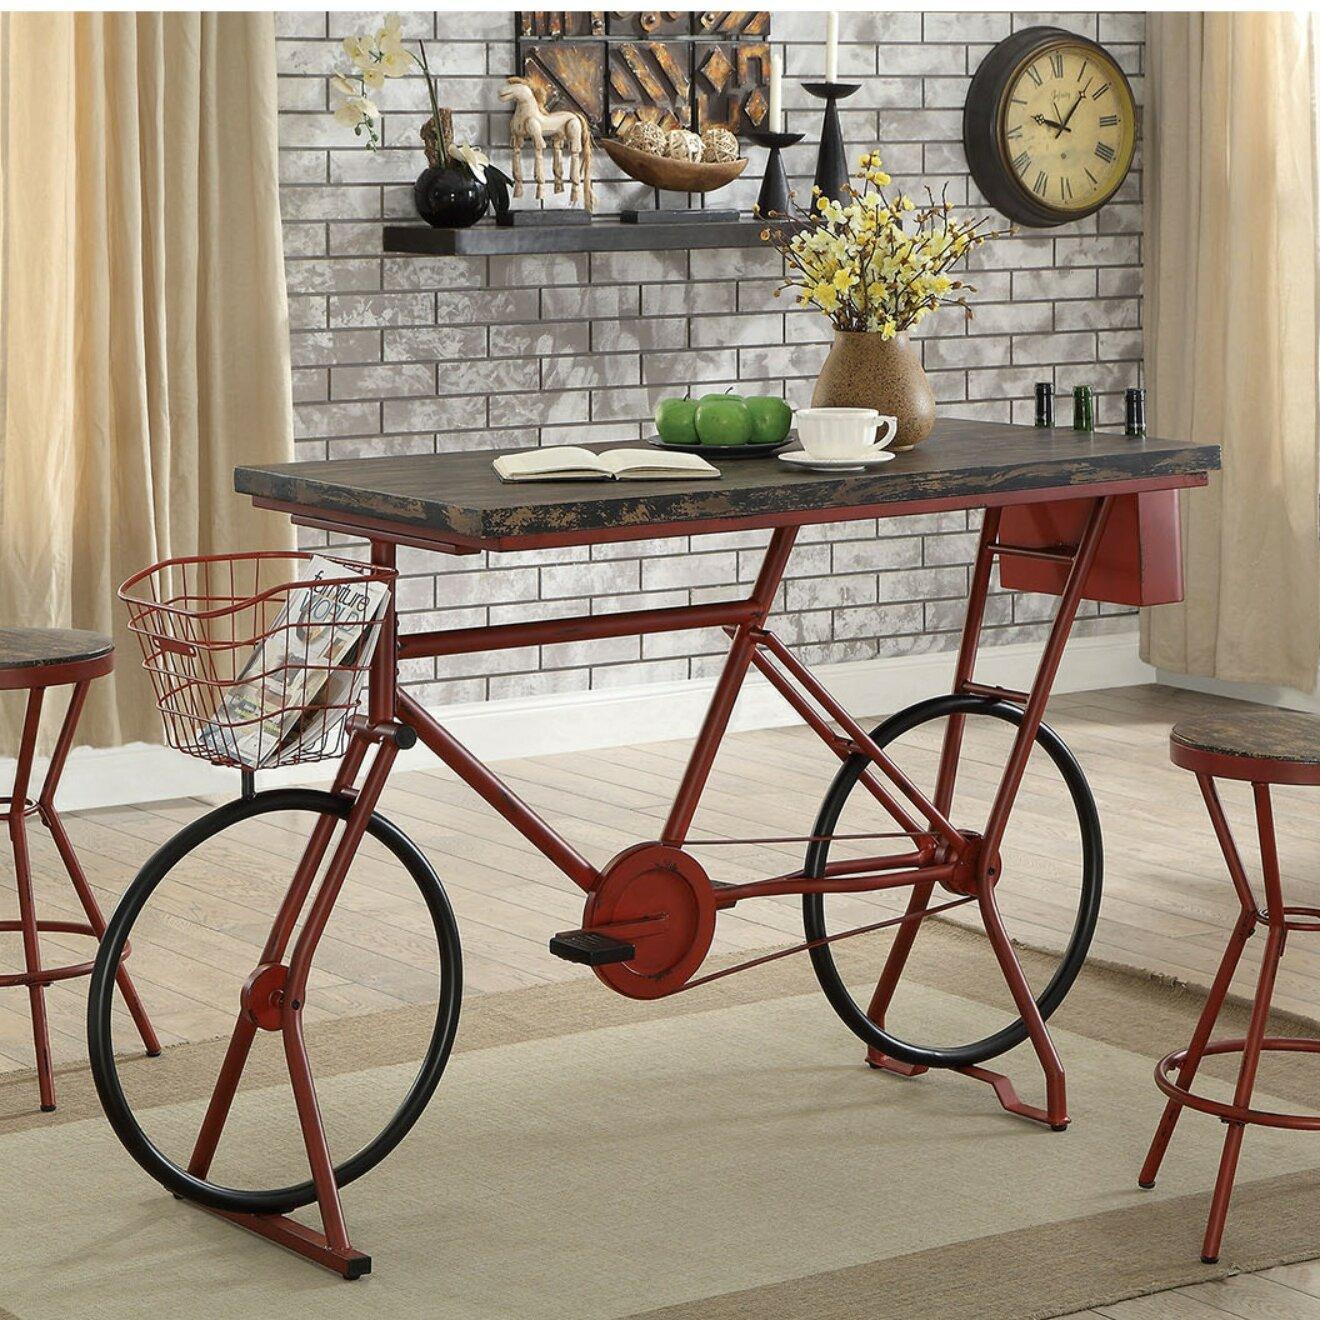 Stories Hayley Metal Bicycle Base Distressed Wood Pub Table Wayfair - Distressed wood pub table